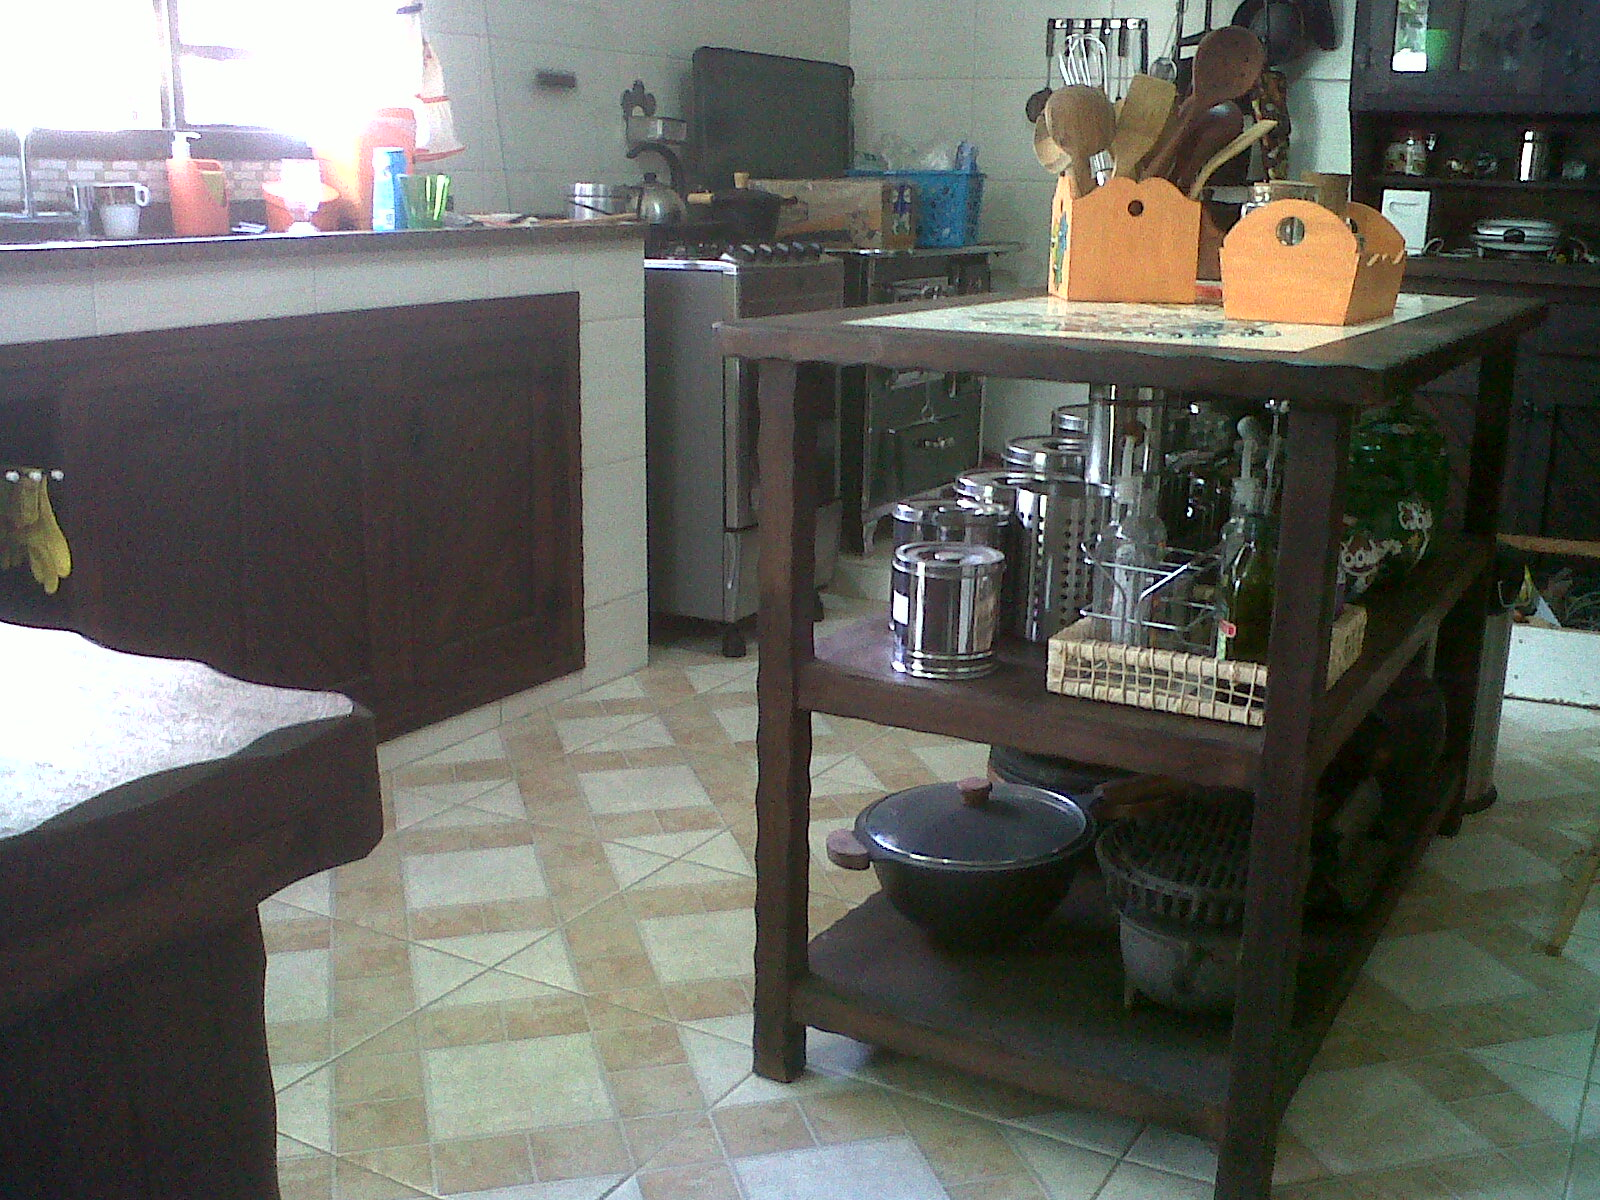 #975C34 decoracao cozinha caipira:Cozinha Caipira 1600x1200 px Projeto De Cozinha Caipira Completa #2815 imagens